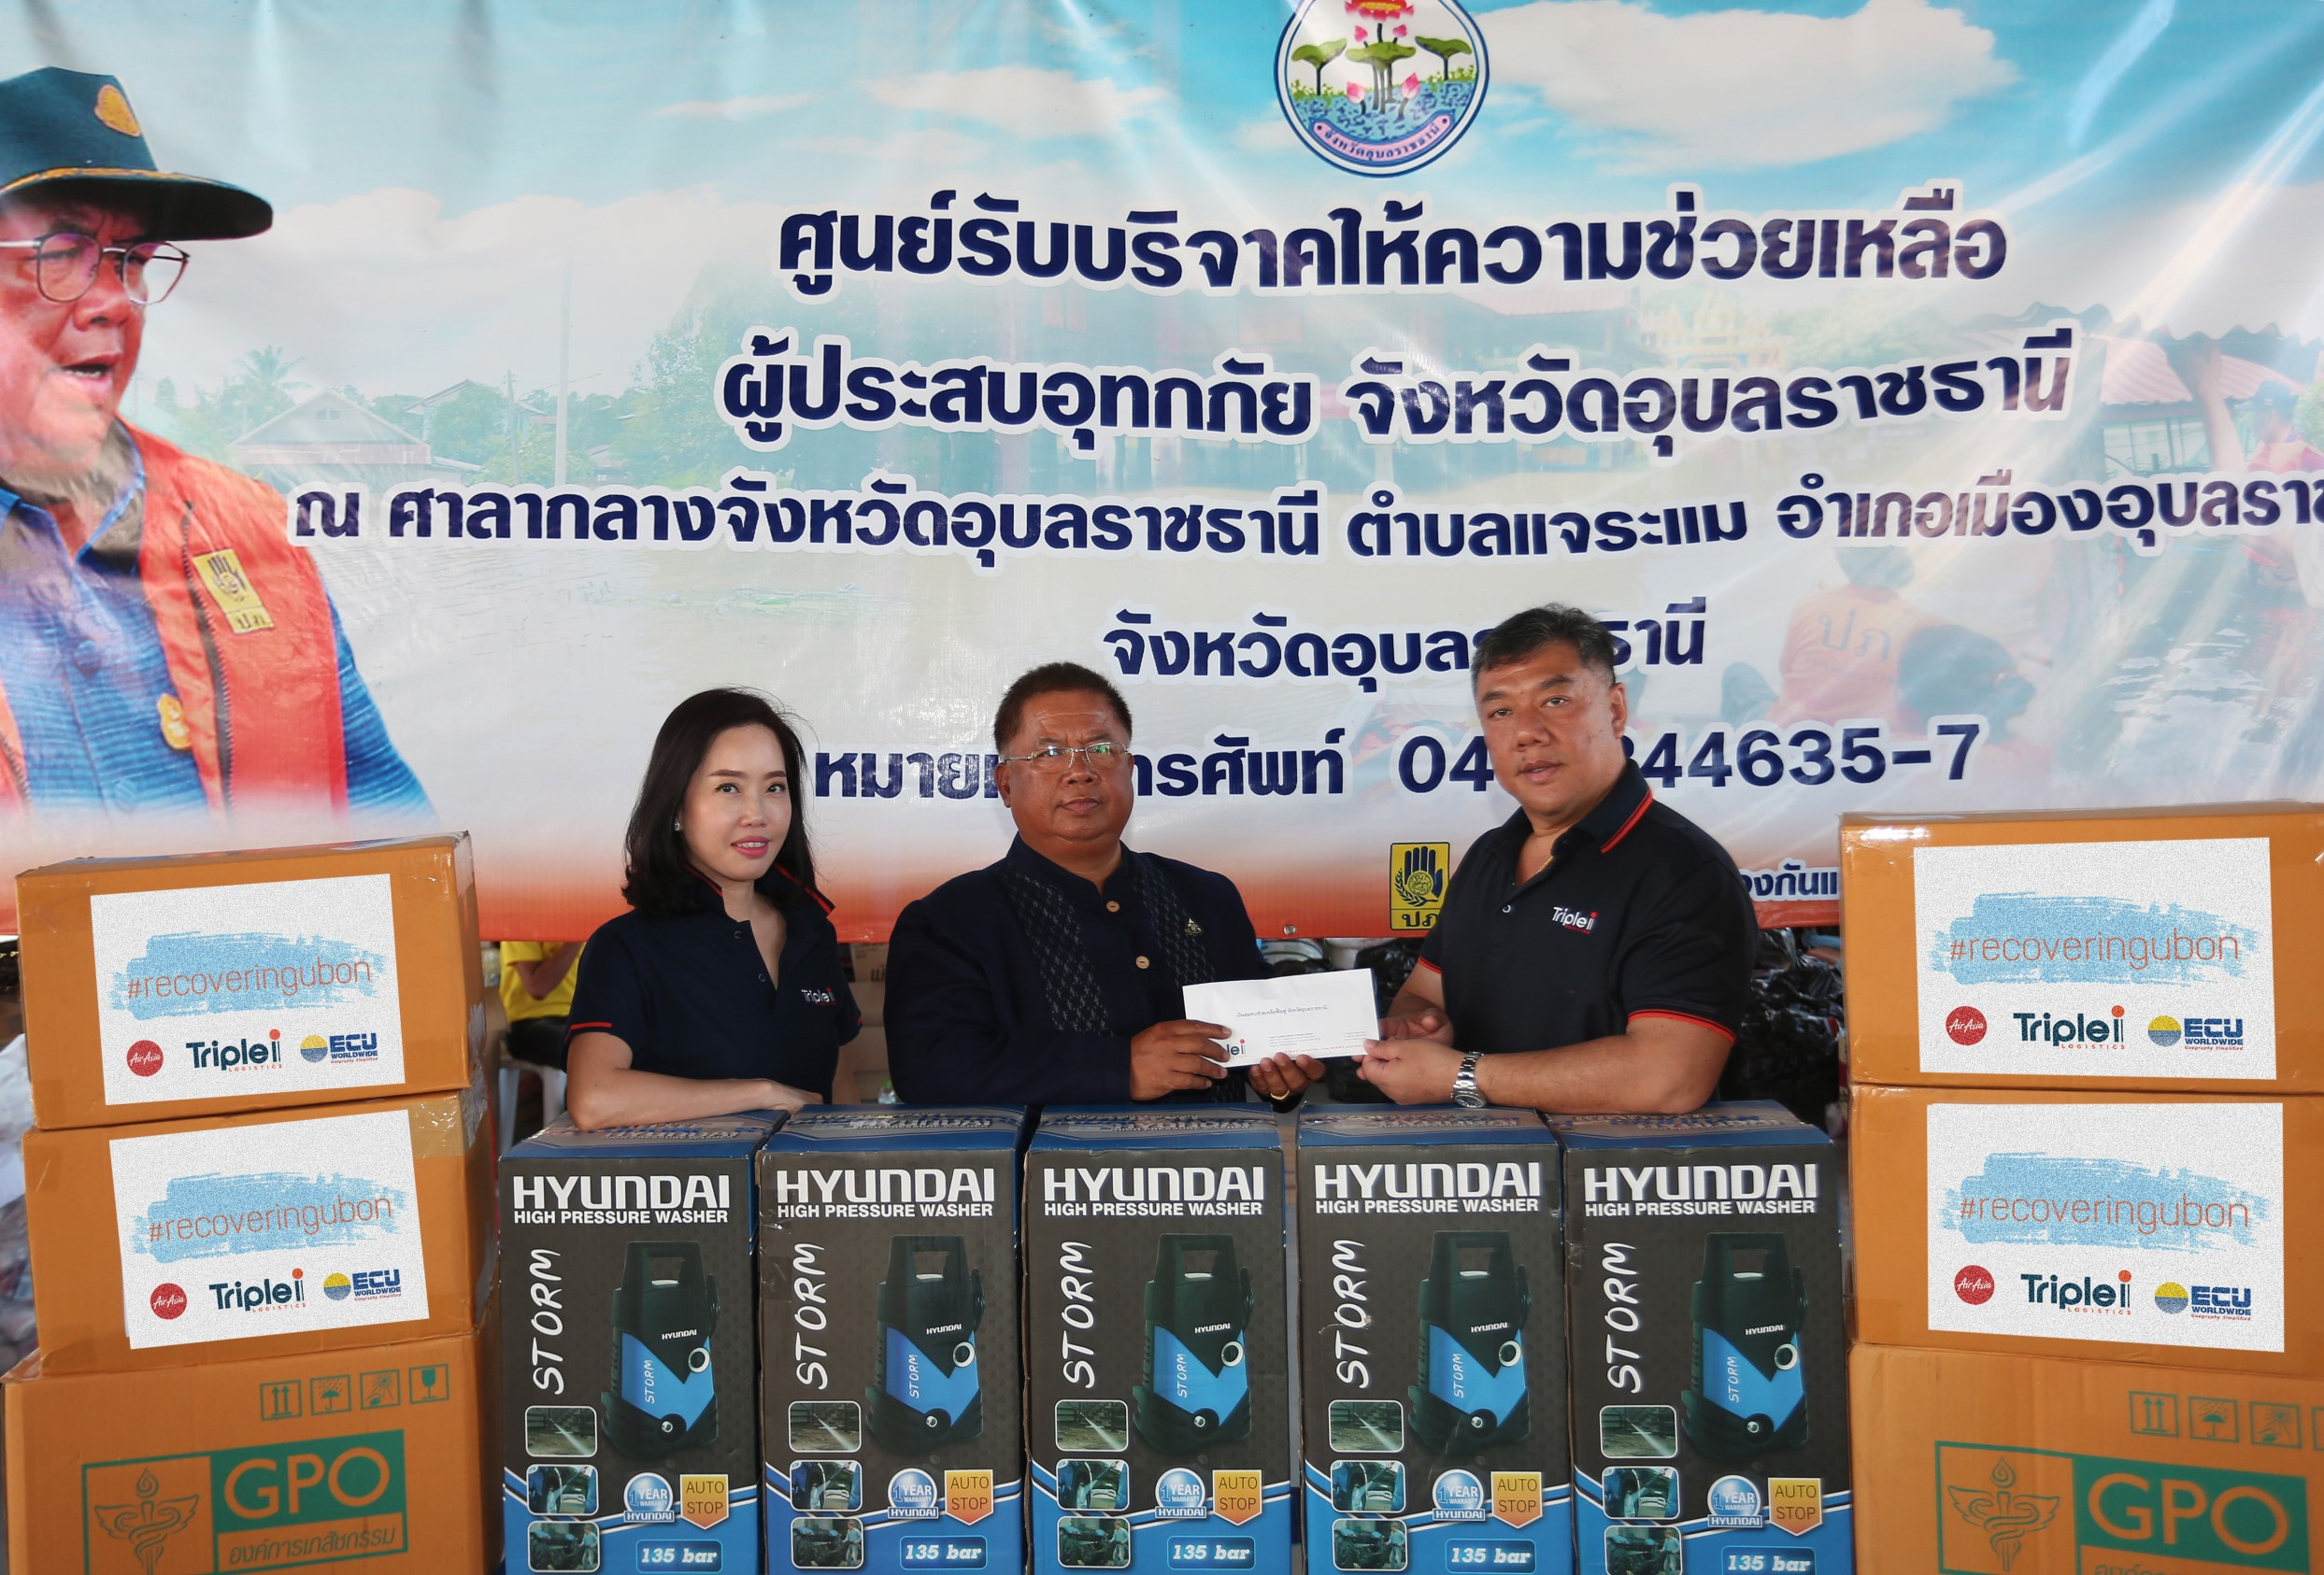 """บมจ. ทริพเพิล ไอ โลจิสติกส์ ผุดโครงการ """"Recovering Ubon"""" ฟื้นฟูฟื้นใจคนไทยหลังน้ำลด"""